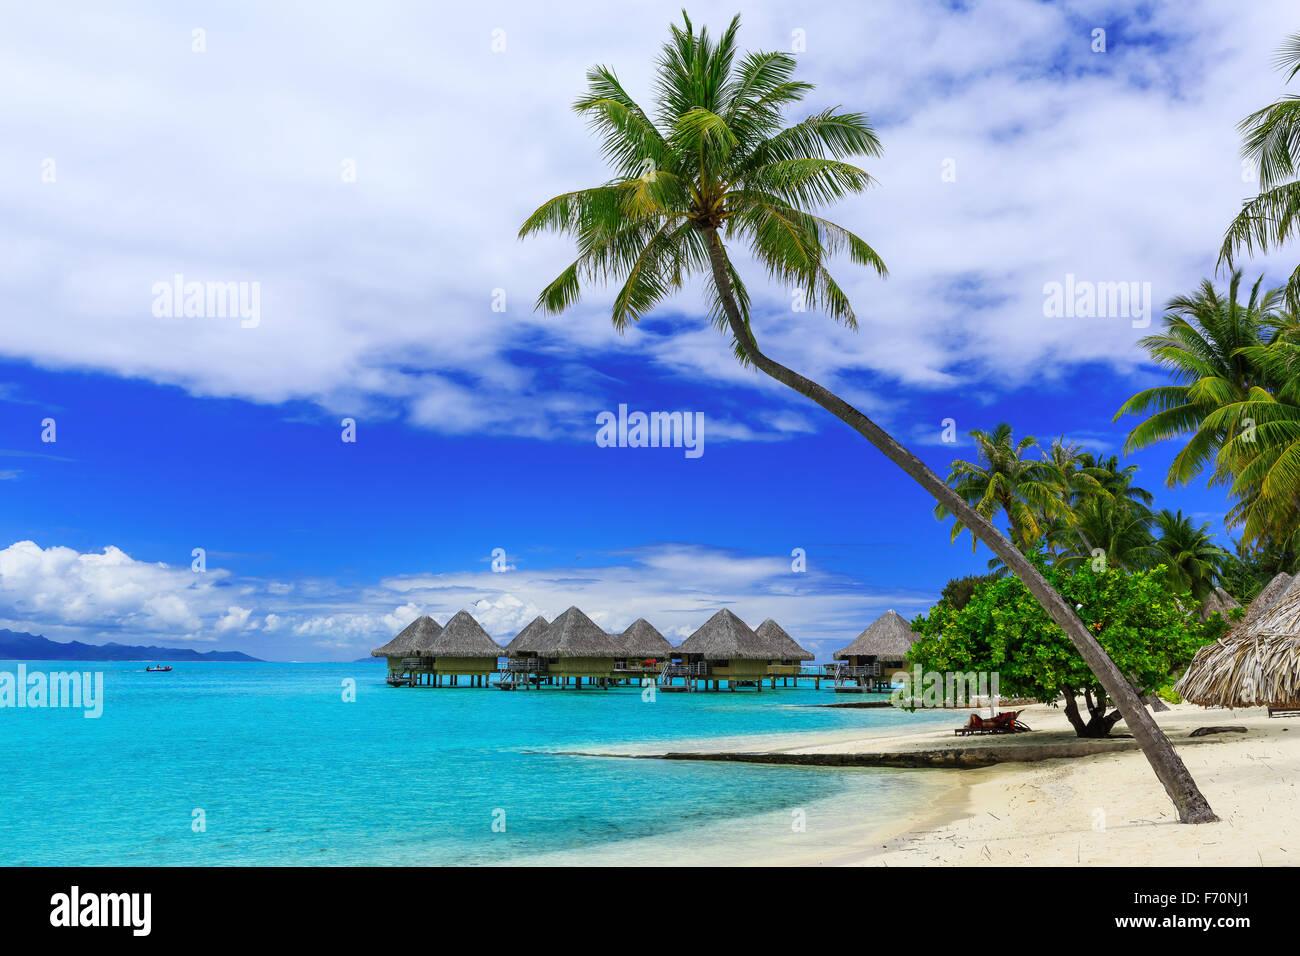 Bungalow sull'acqua di lusso resort tropicale, isola di Bora Bora, vicino a Tahiti, Polinesia francese, oceano Immagini Stock